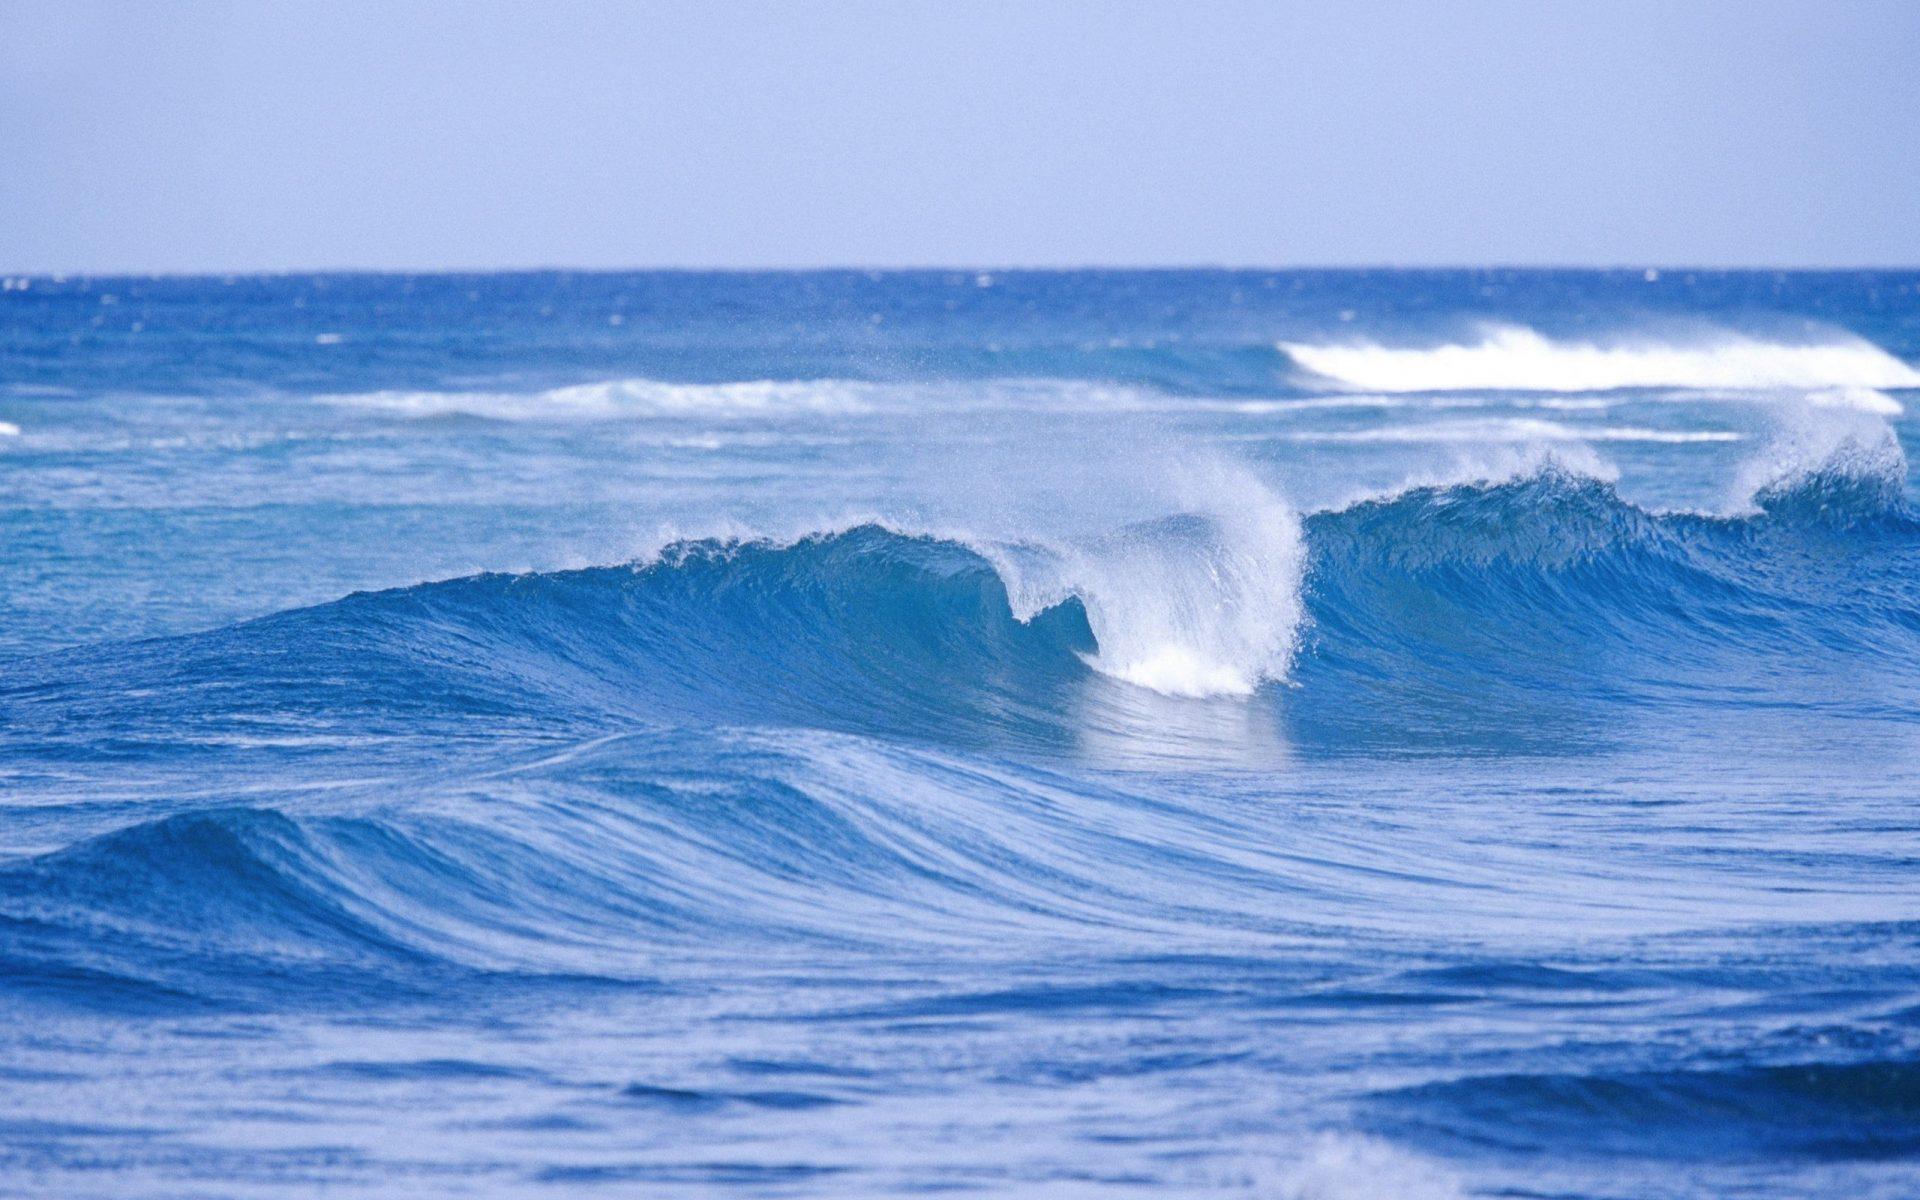 Οι κυματισμοί της θάλασσας ασκούν θετική επίδραση στον εγκέφαλο